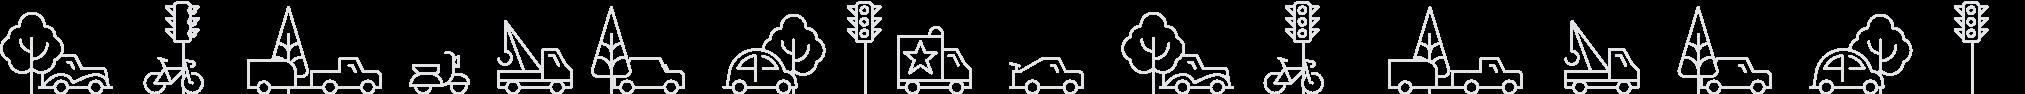 Ilustraci�n de distintos tipos de autom�viles